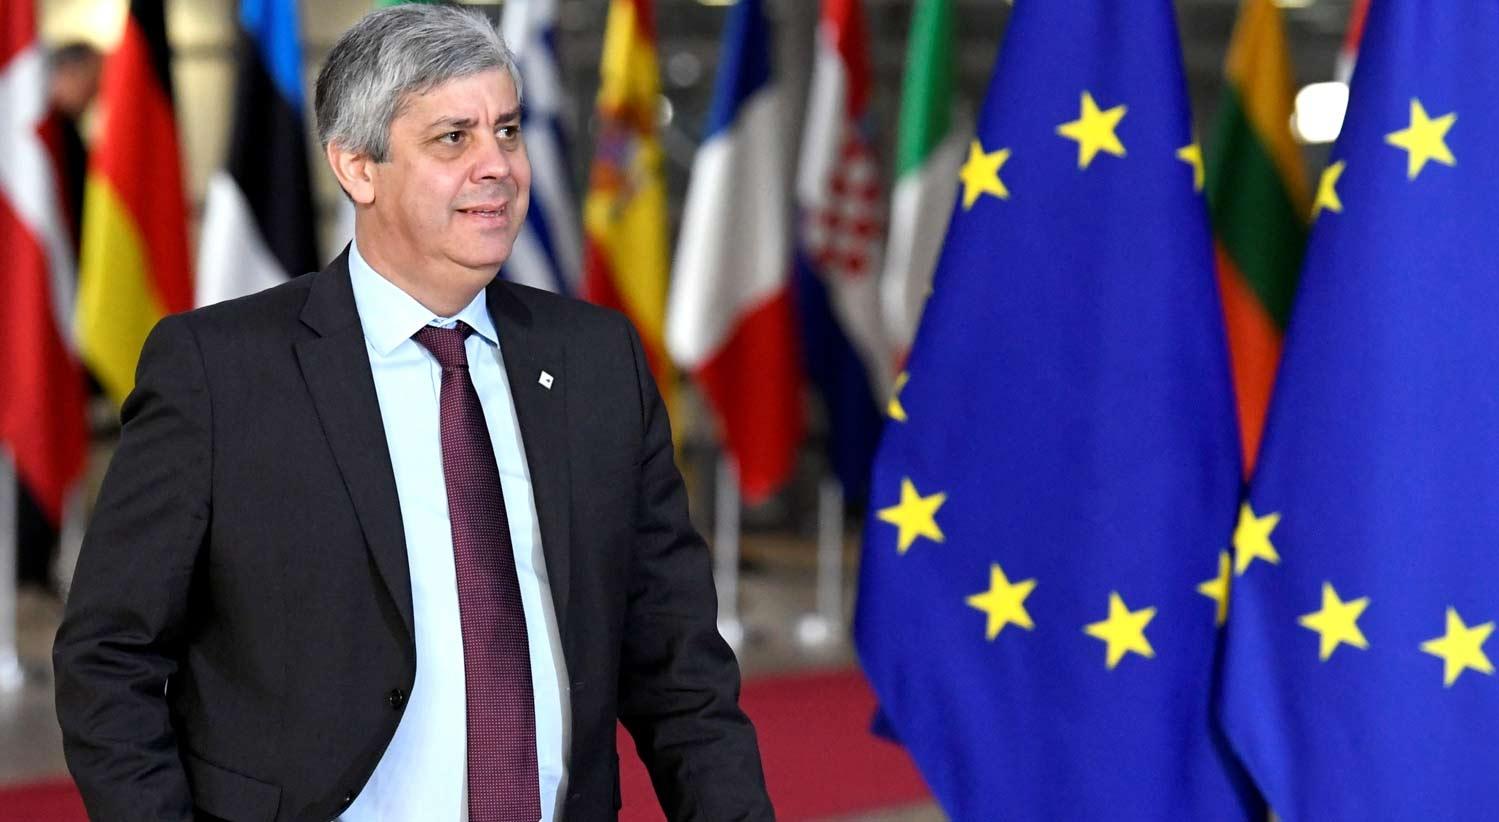 OE2020. Comissão Europeia alerta Portugal para risco de não conformidade com o Pacto de Estabilidade e Crescimento